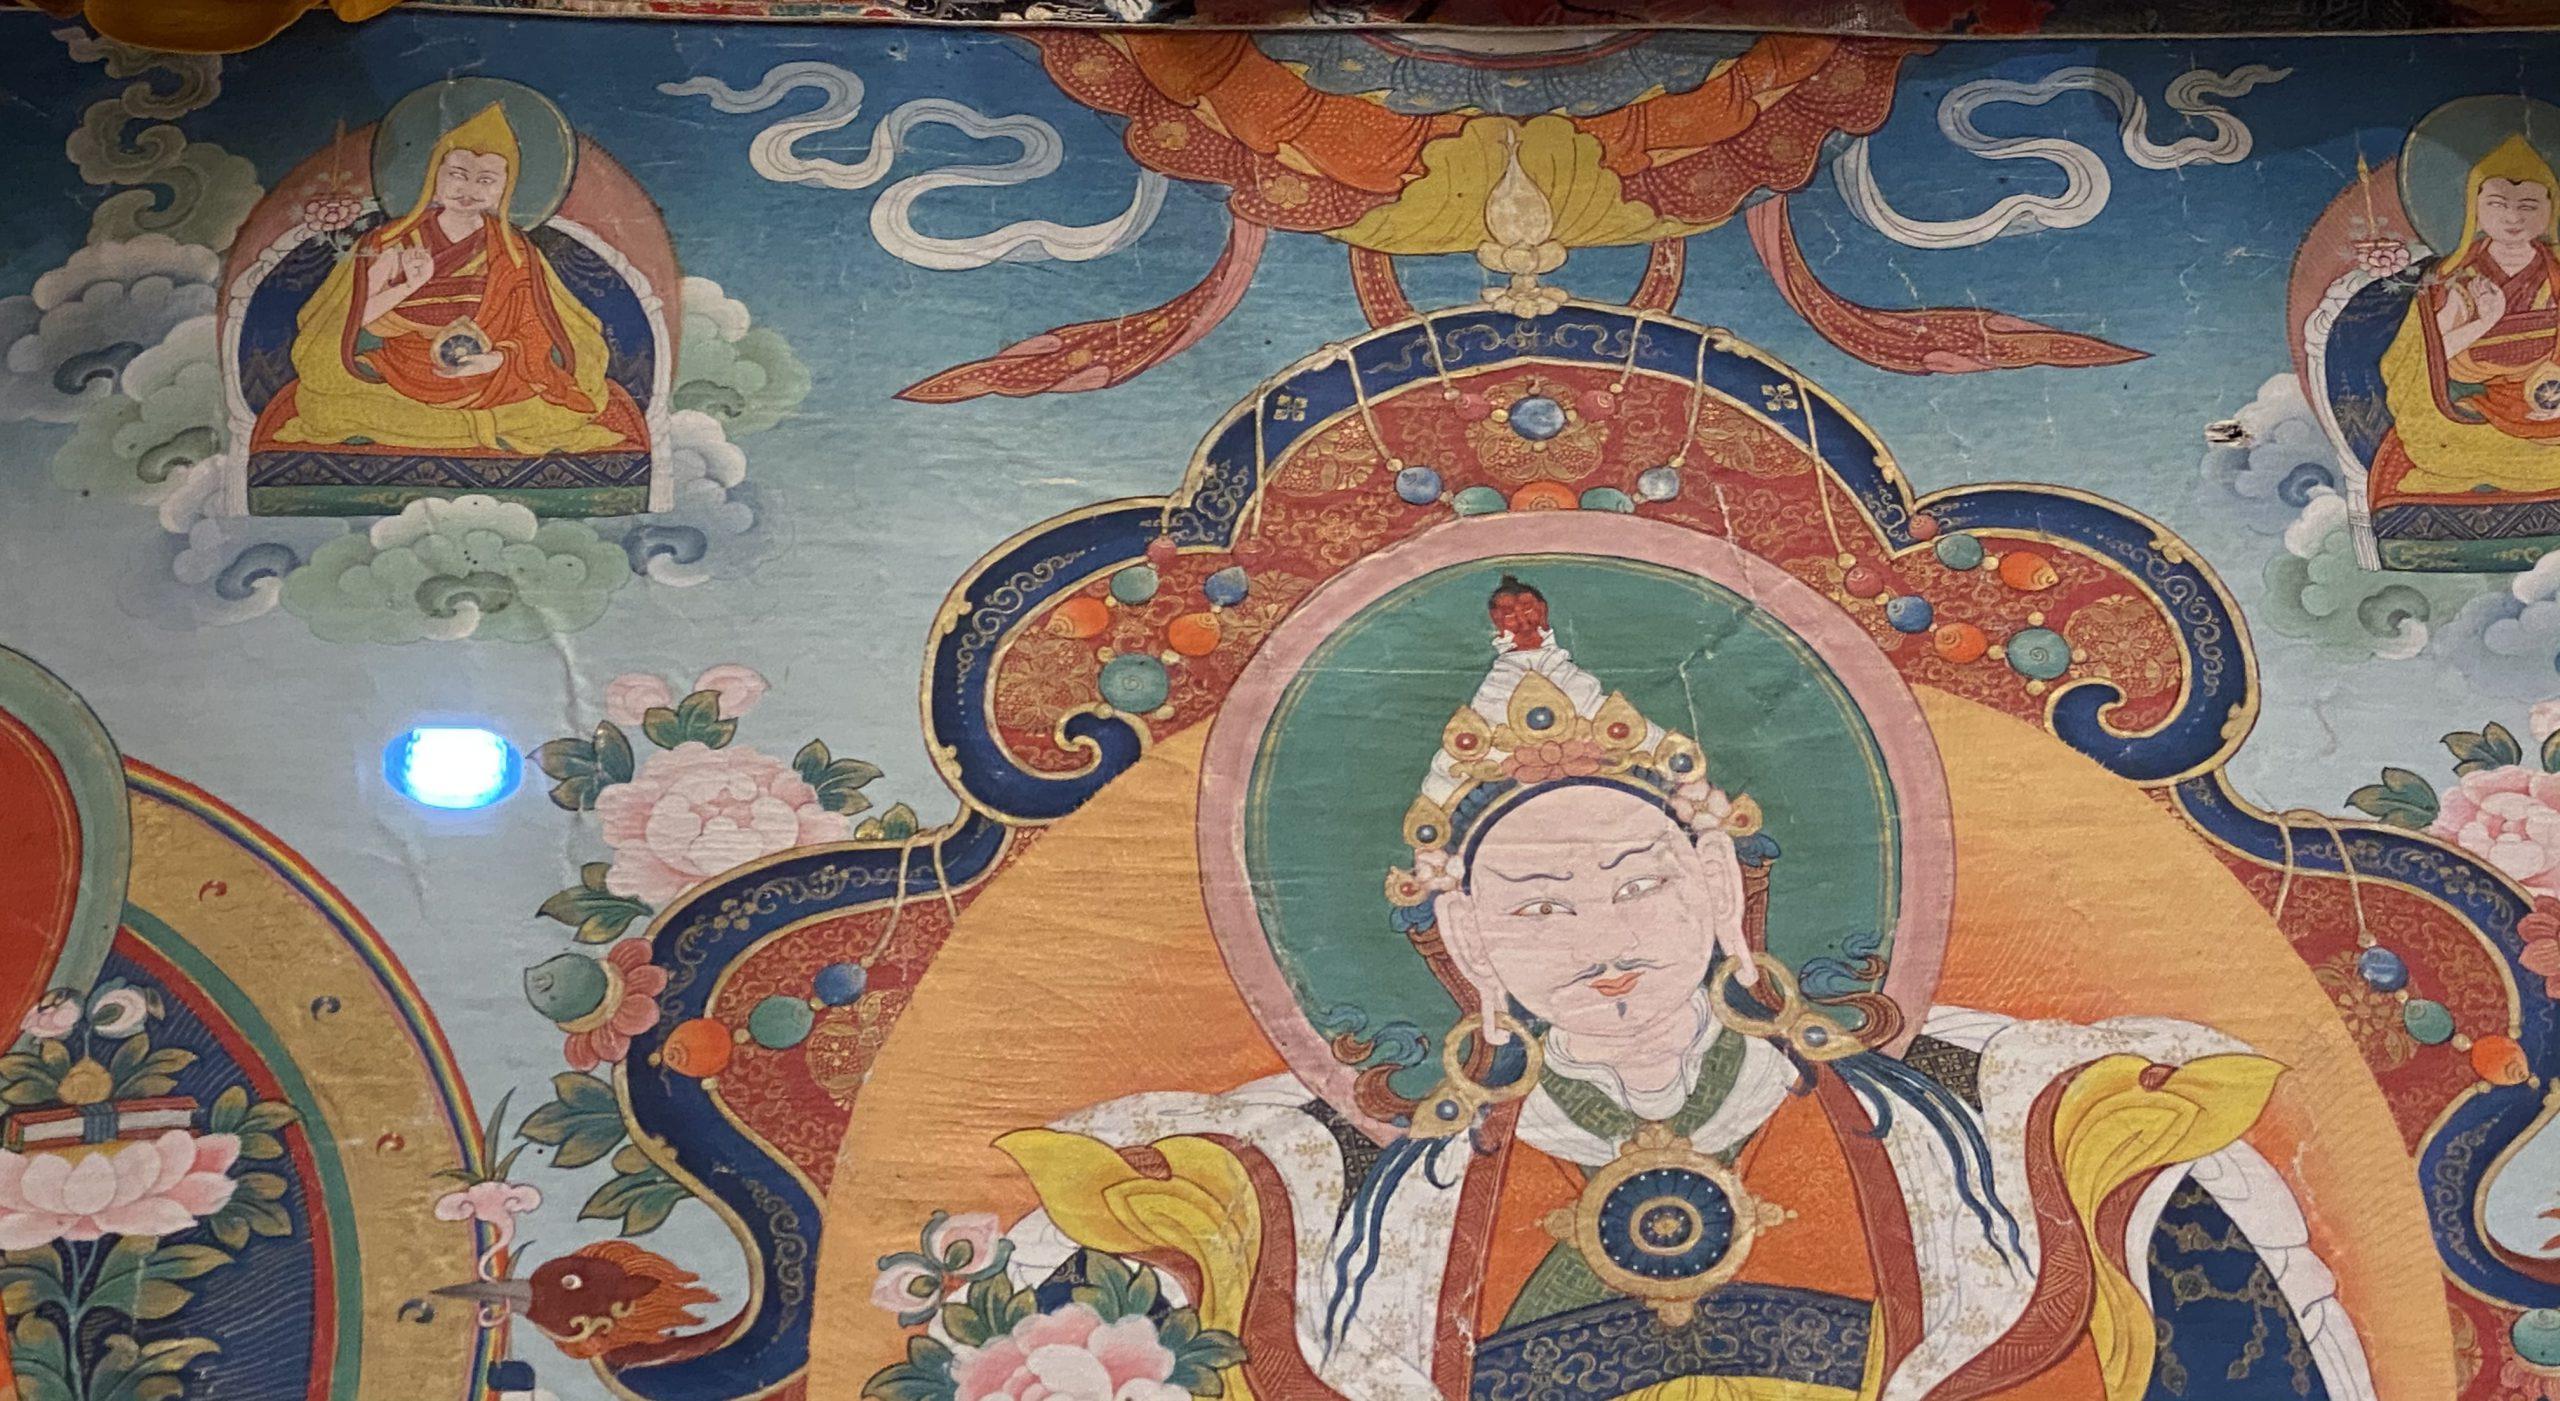 布画祖孫三代法王像-清時代-巡回特別展【天歌長歌-唐蕃古道】-四川博物館